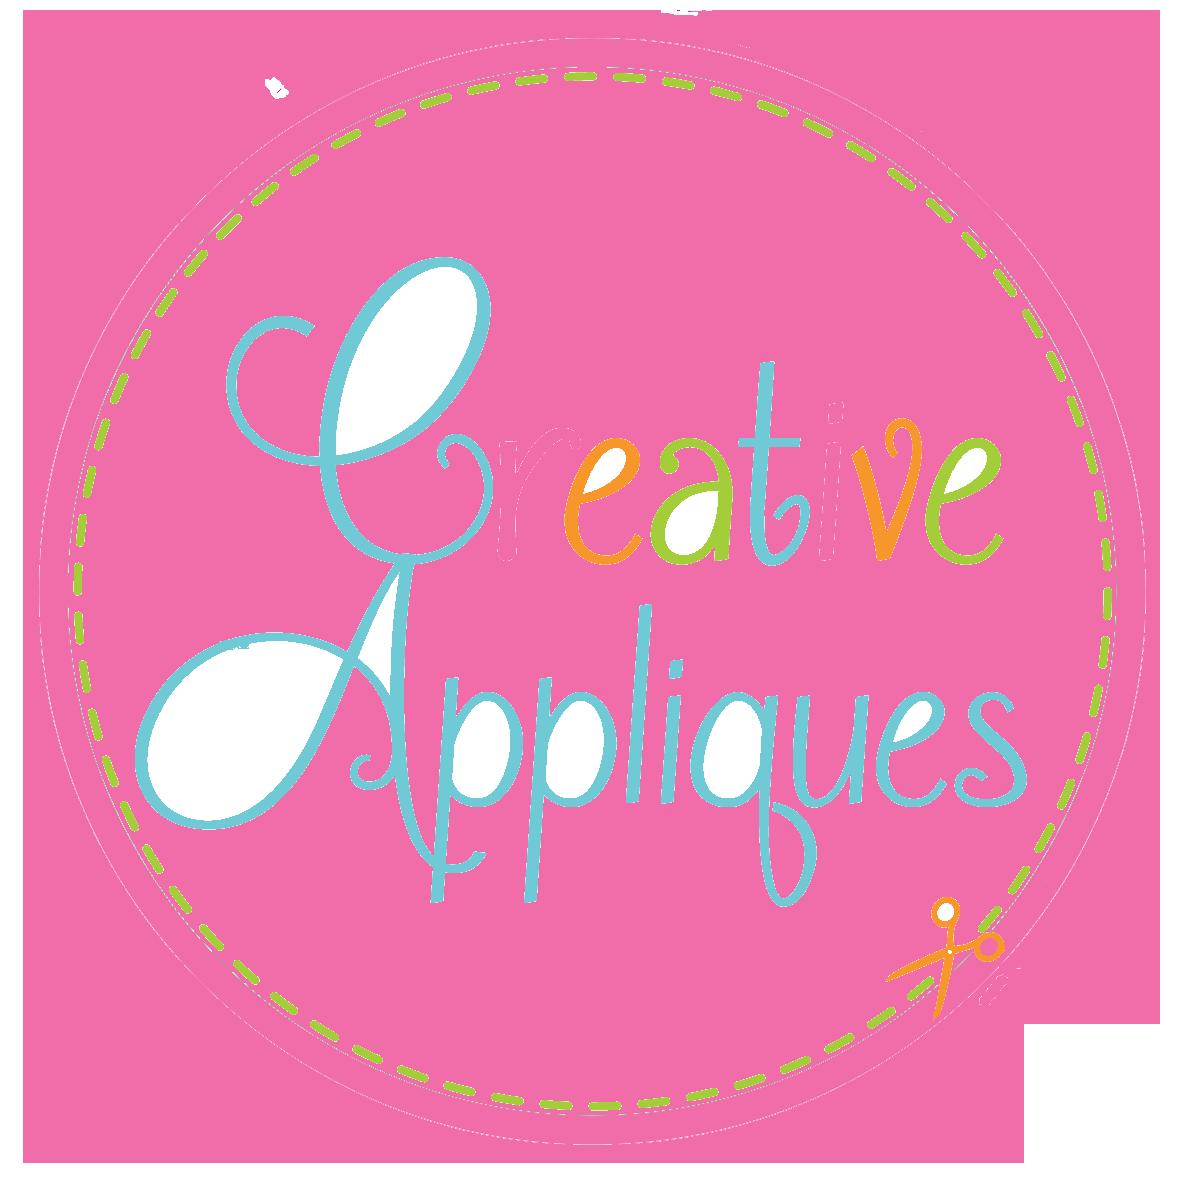 Creative Appliques